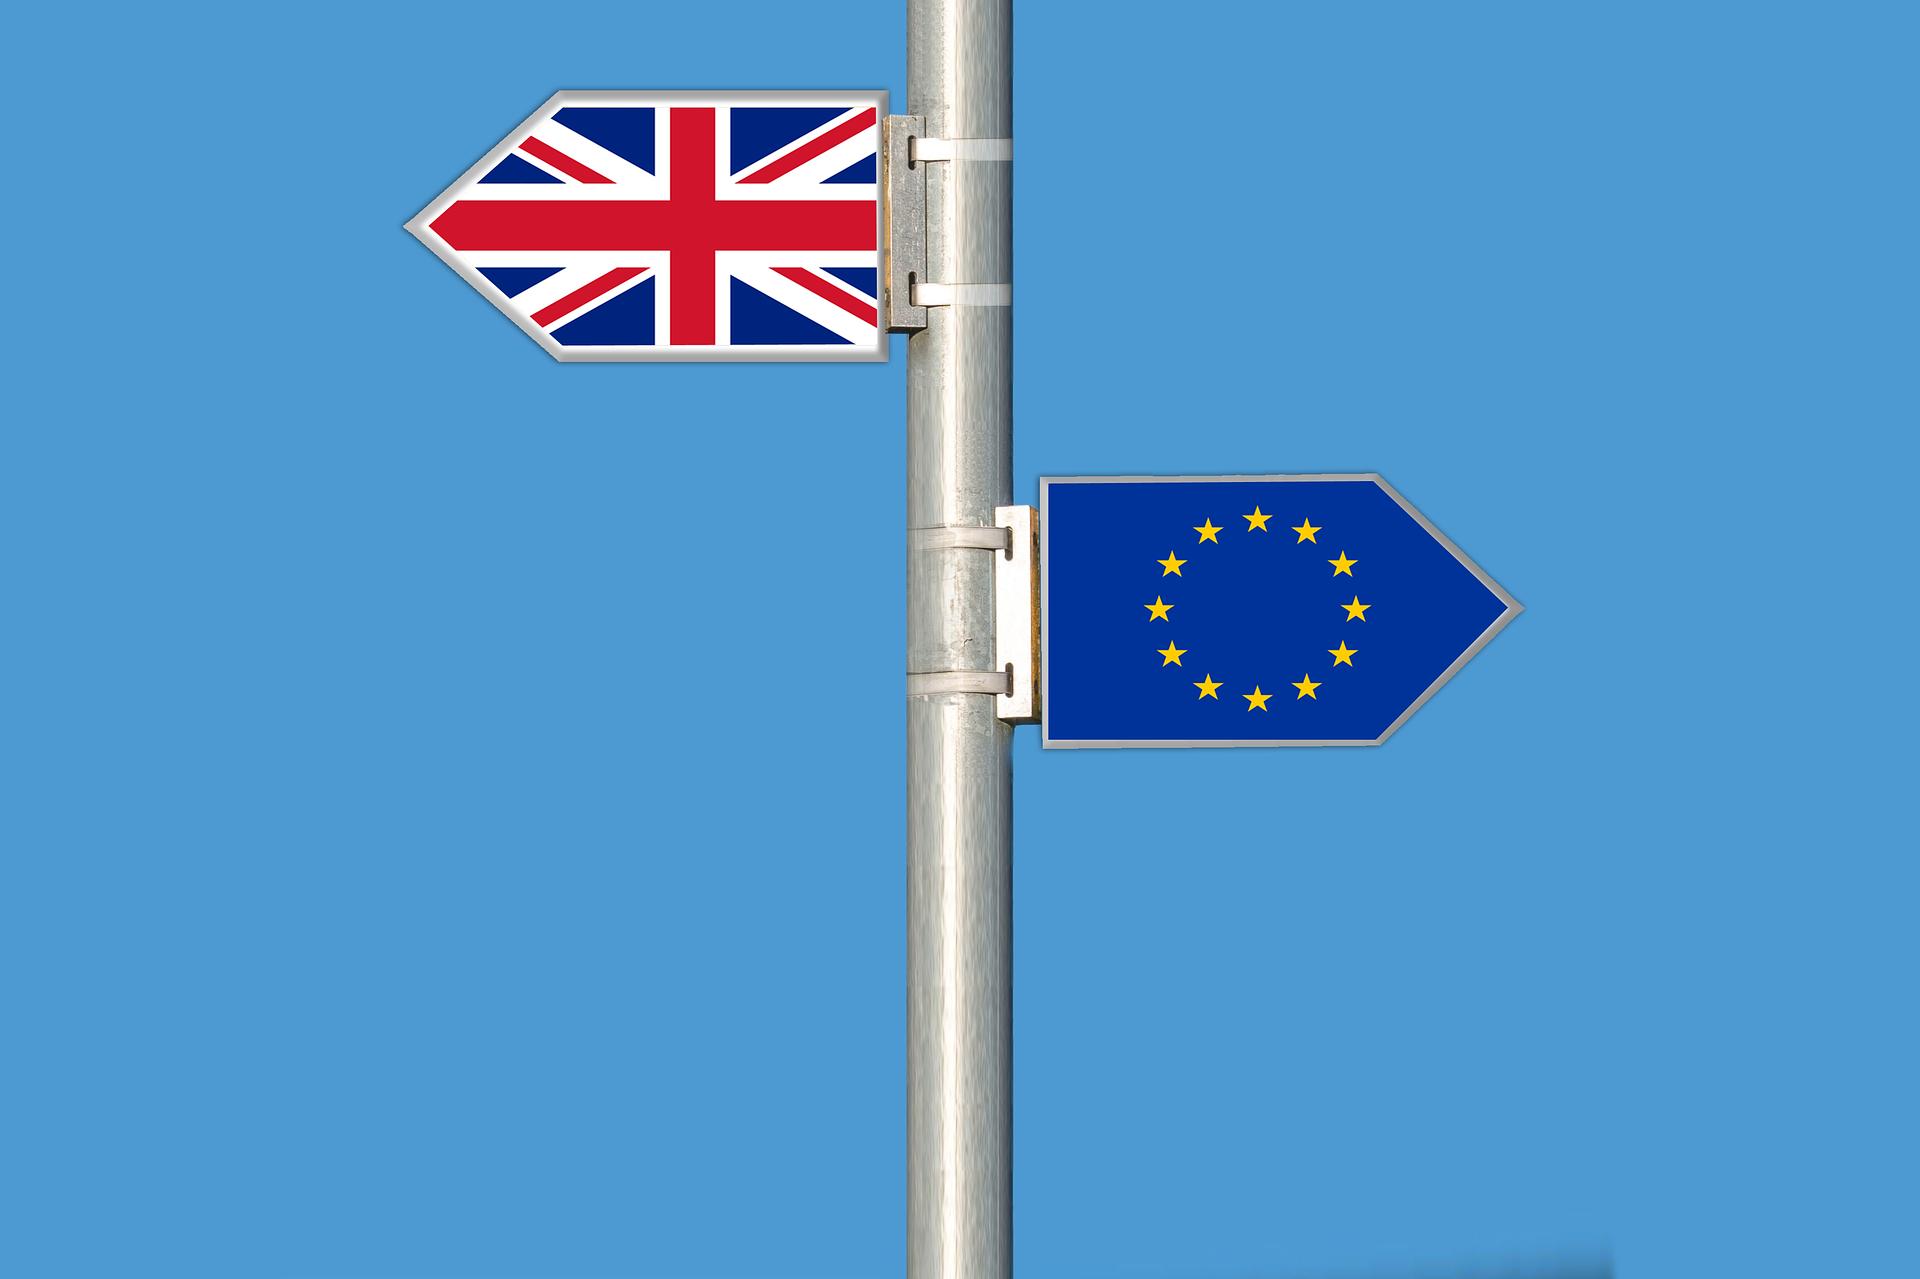 自由港はEUとのFTA交渉に悩む英国を救えるか